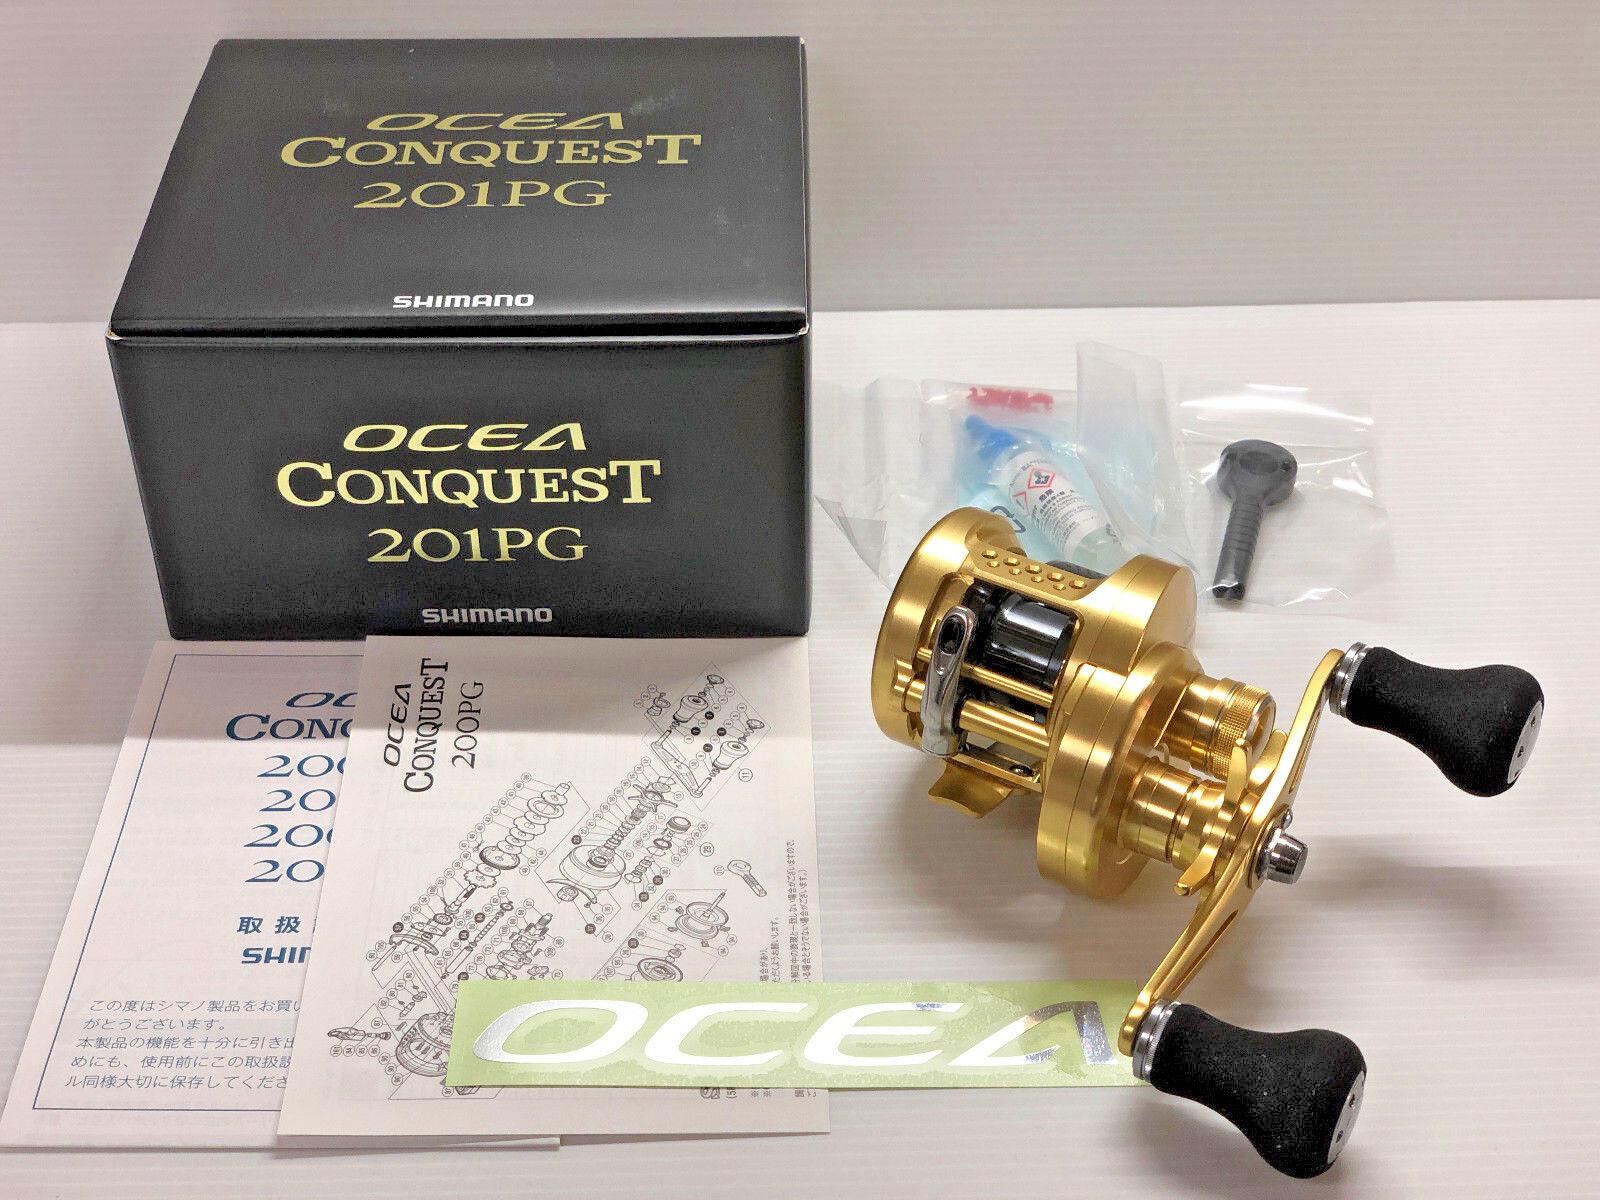 Shimano 15 Ocea conquista 201PG izquierda-Envío gratuito desde Japón